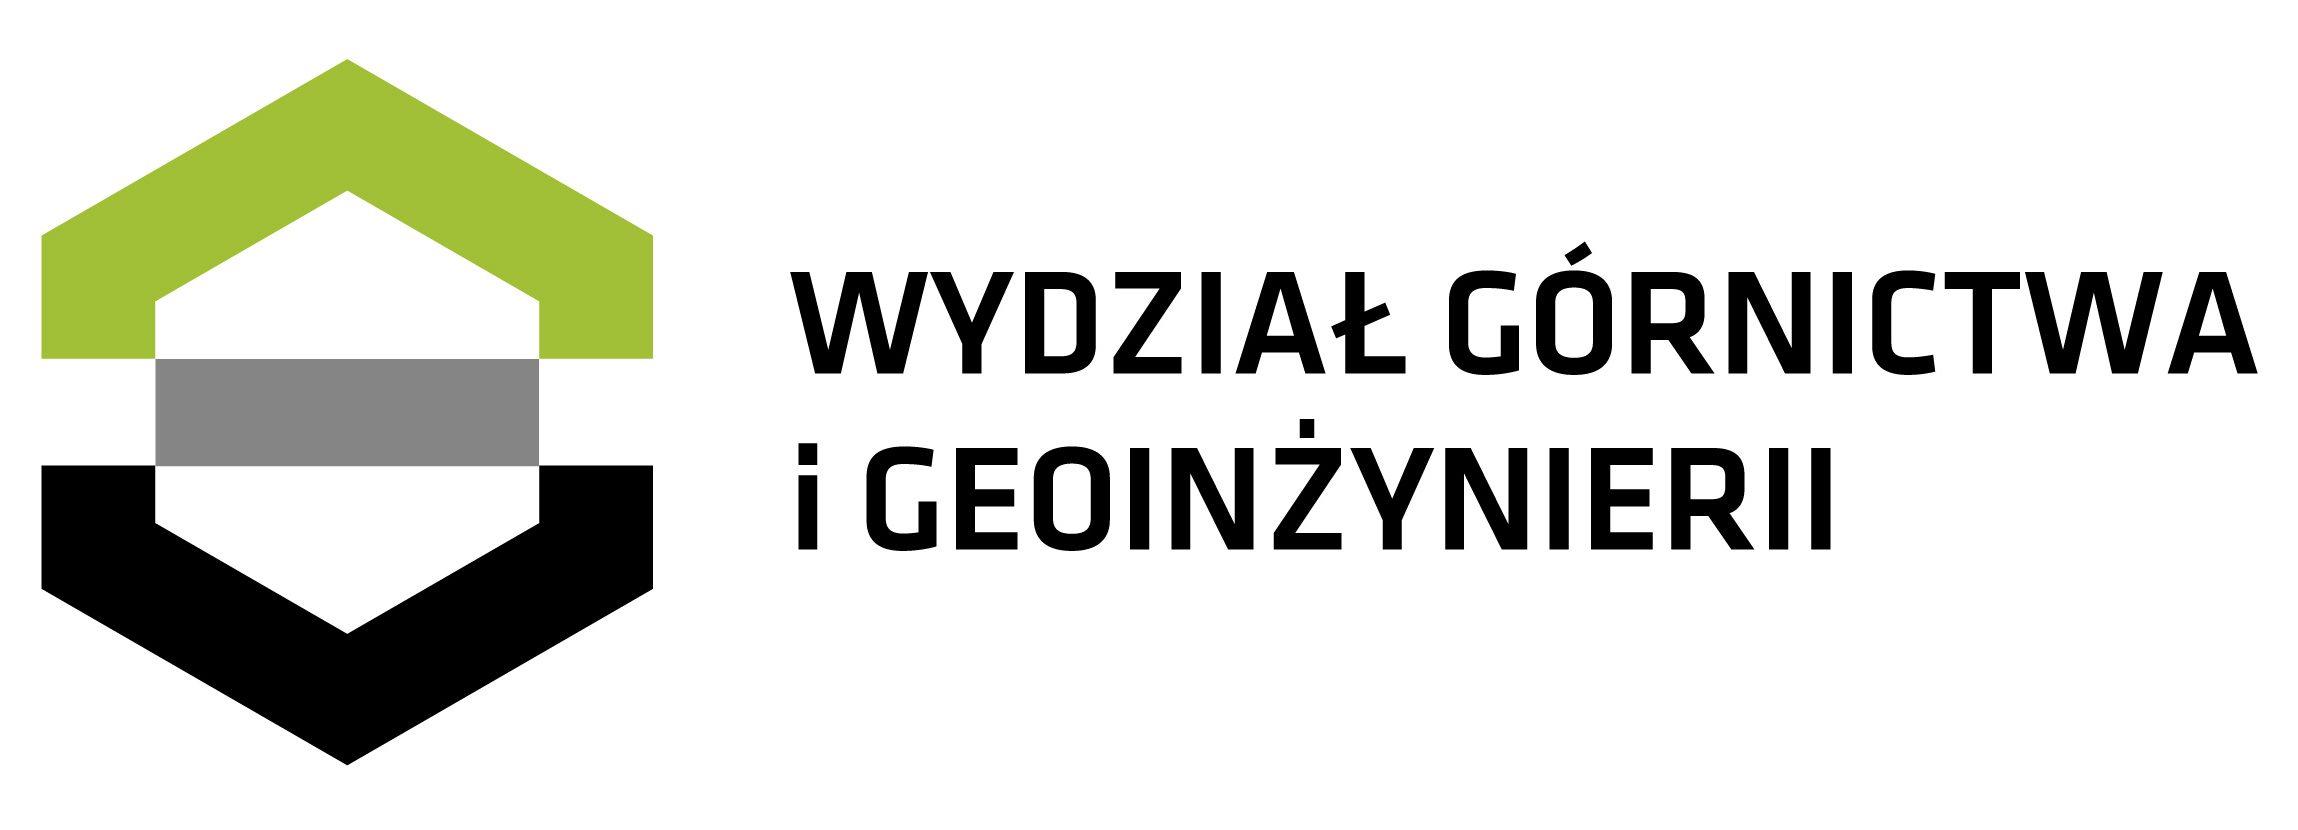 POWER 3.5 Zintegrowany Program Rozwoju Akademii Górniczo-Hutniczej w Krakowie